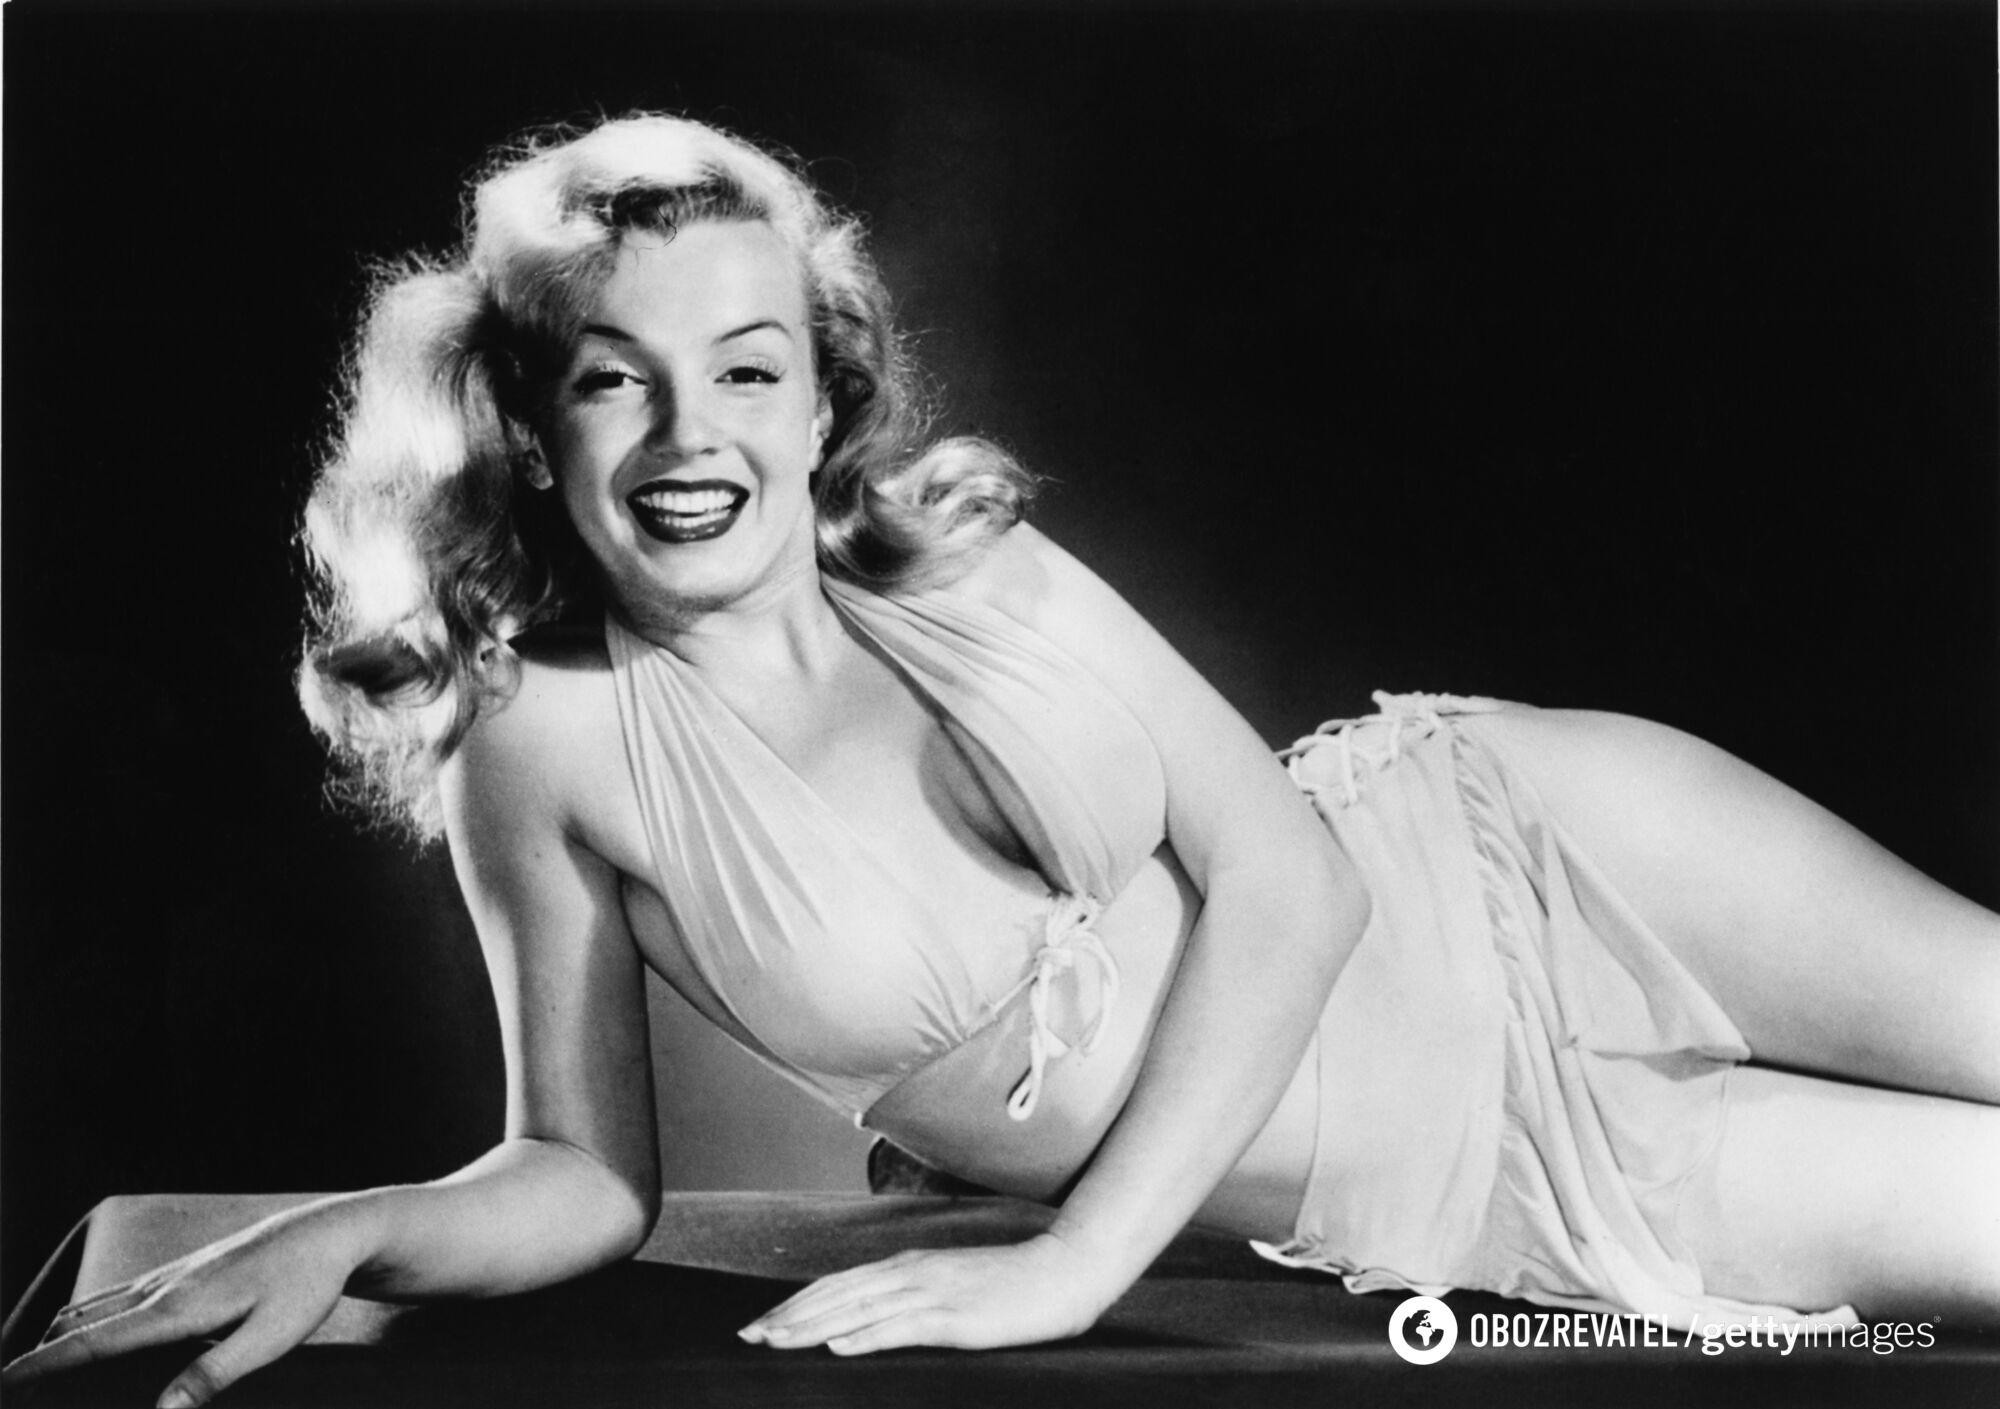 Як виглядала знаменита актриса Монро